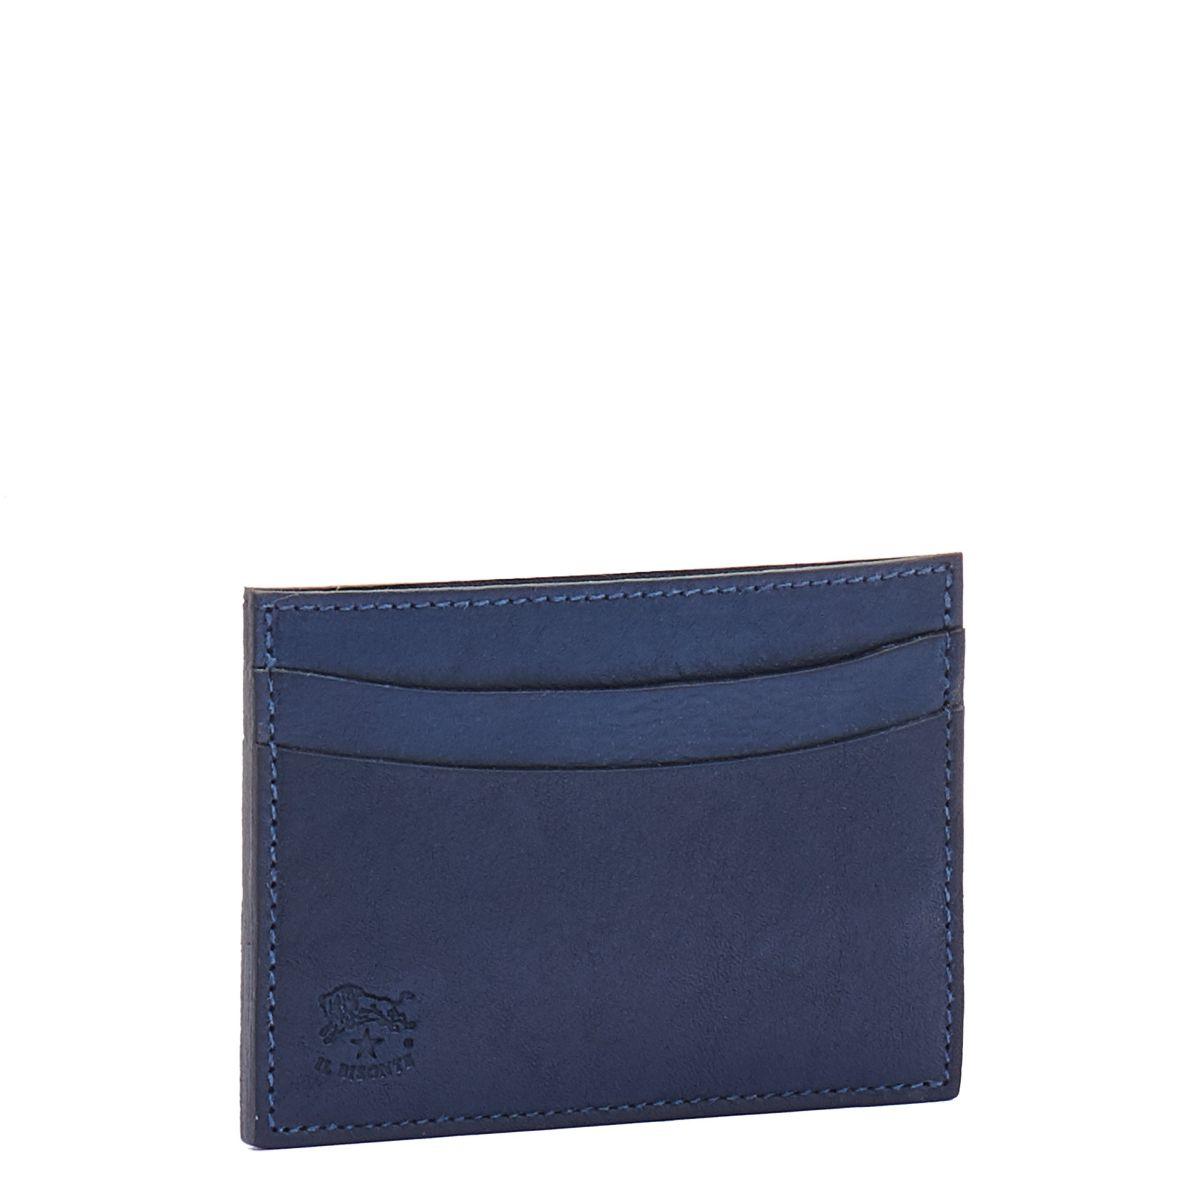 Porte-Cartes en Cuir De Vachette Doublé couleur Bleu - SCC019 | Details